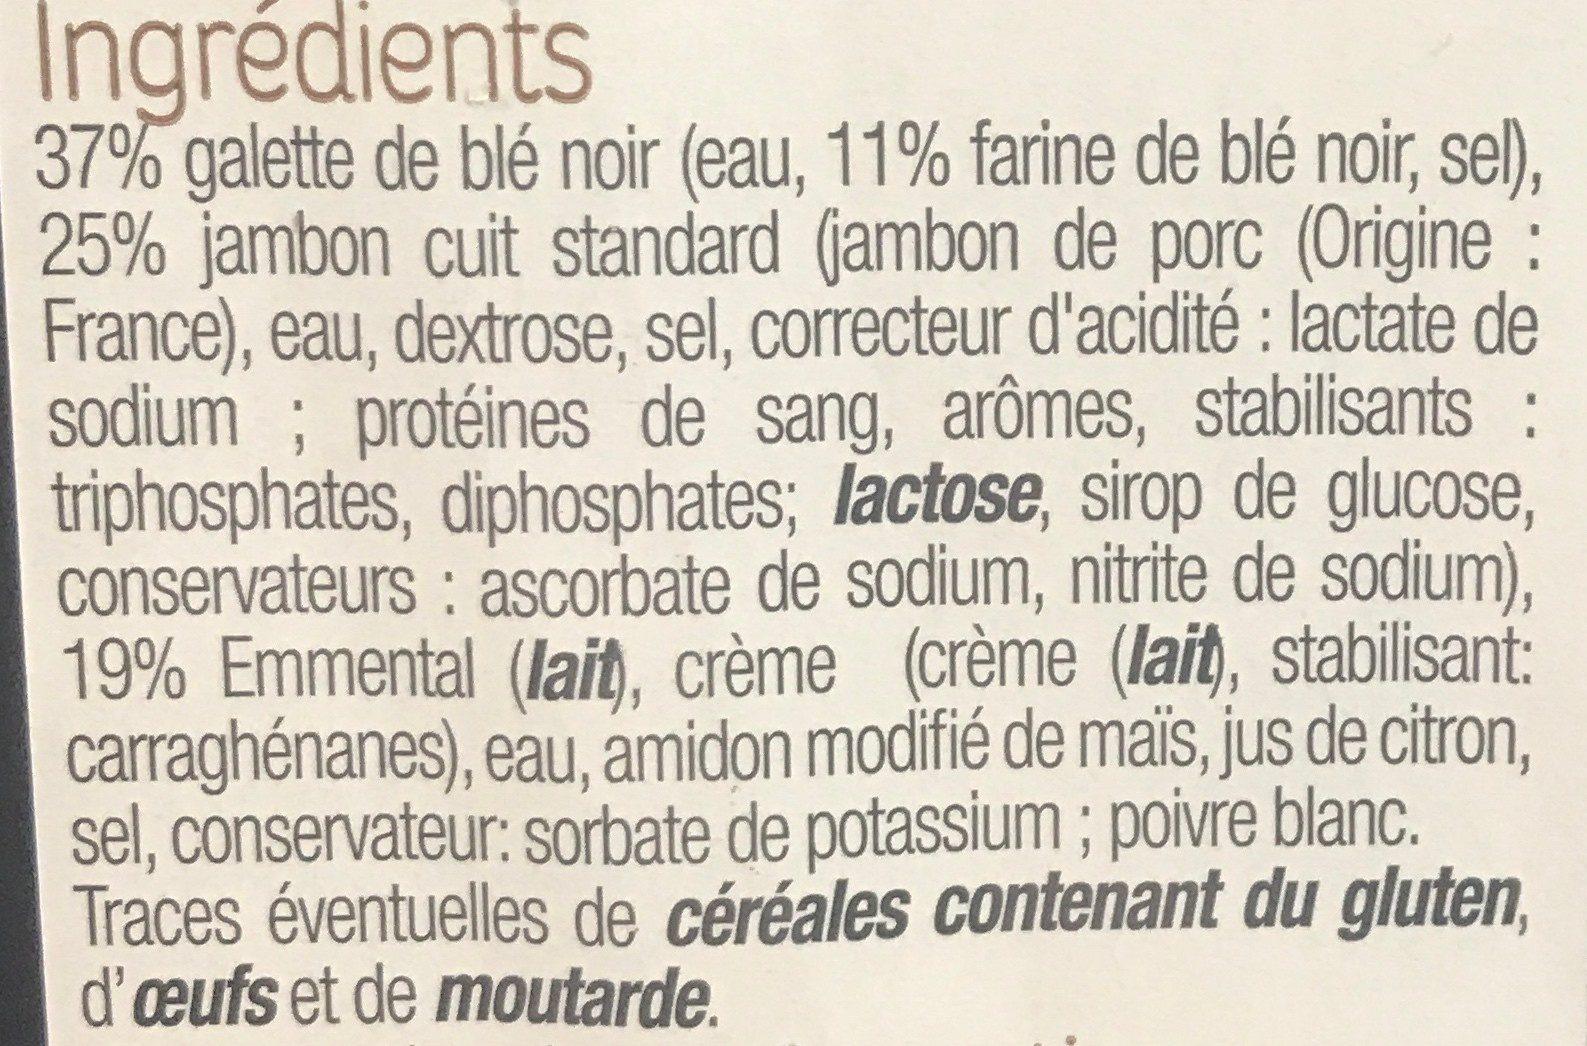 Galette de blé noir Jambon, emmental - Ingrediënten